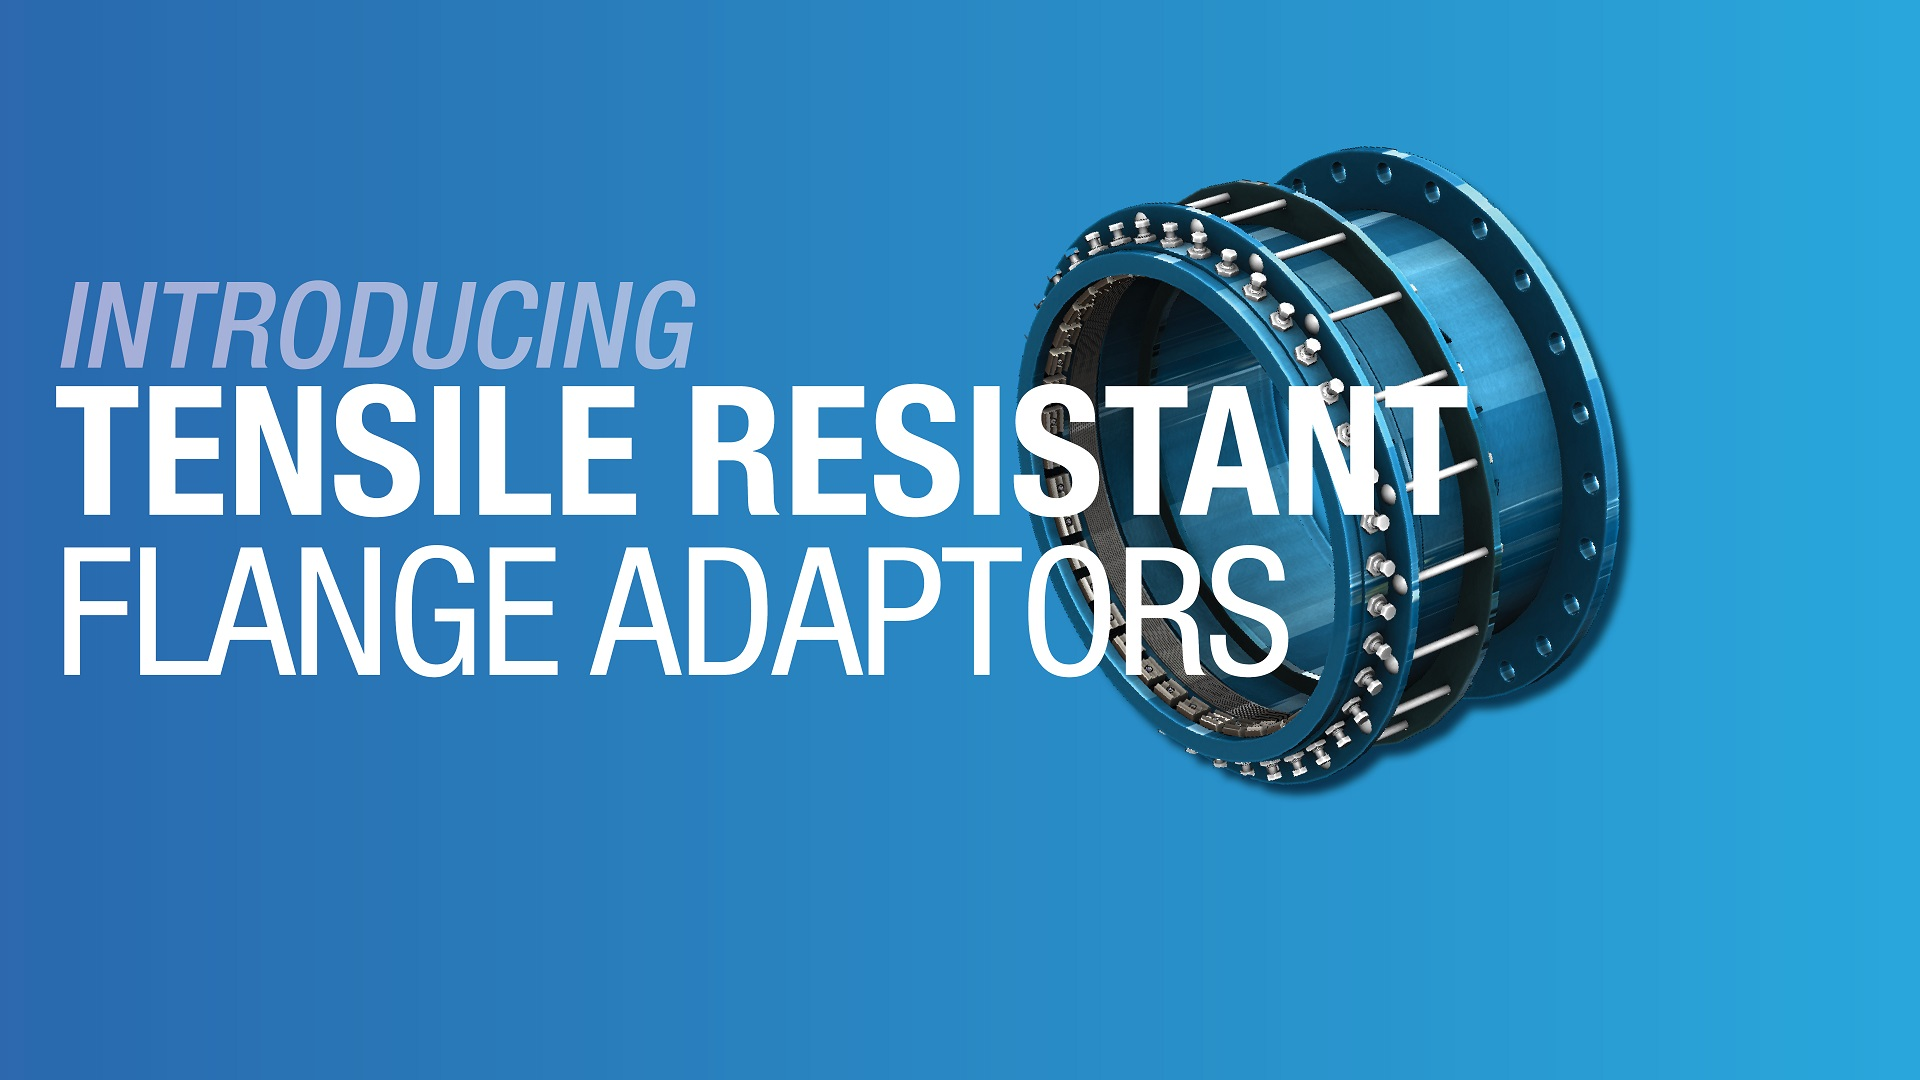 AVK Tensile Resistant Flange Adaptors